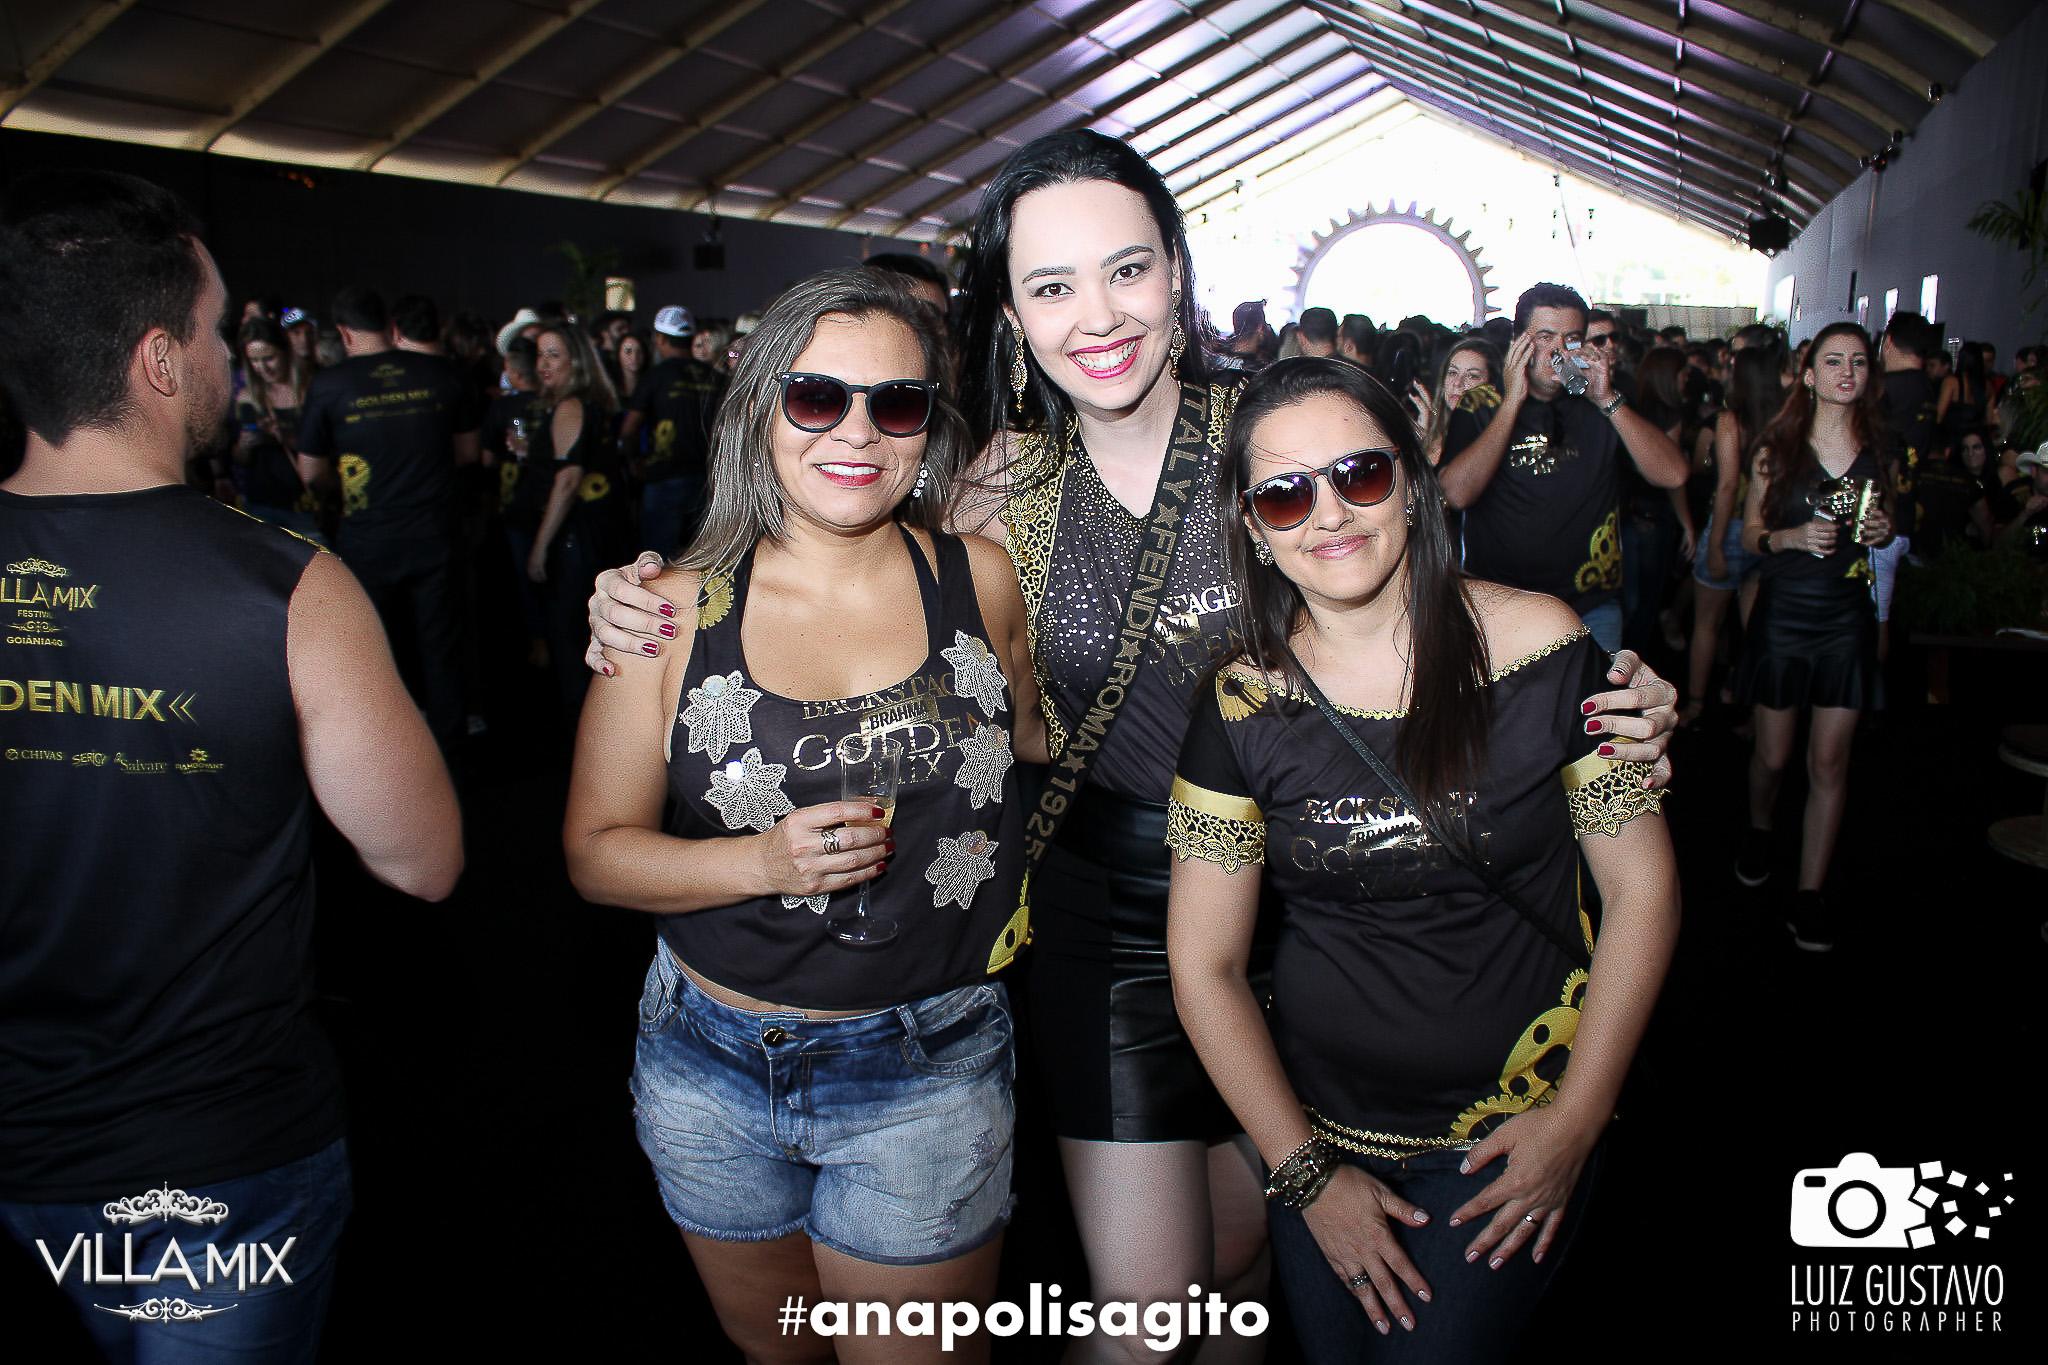 Luiz Gustavo Photographer (76 de 327)